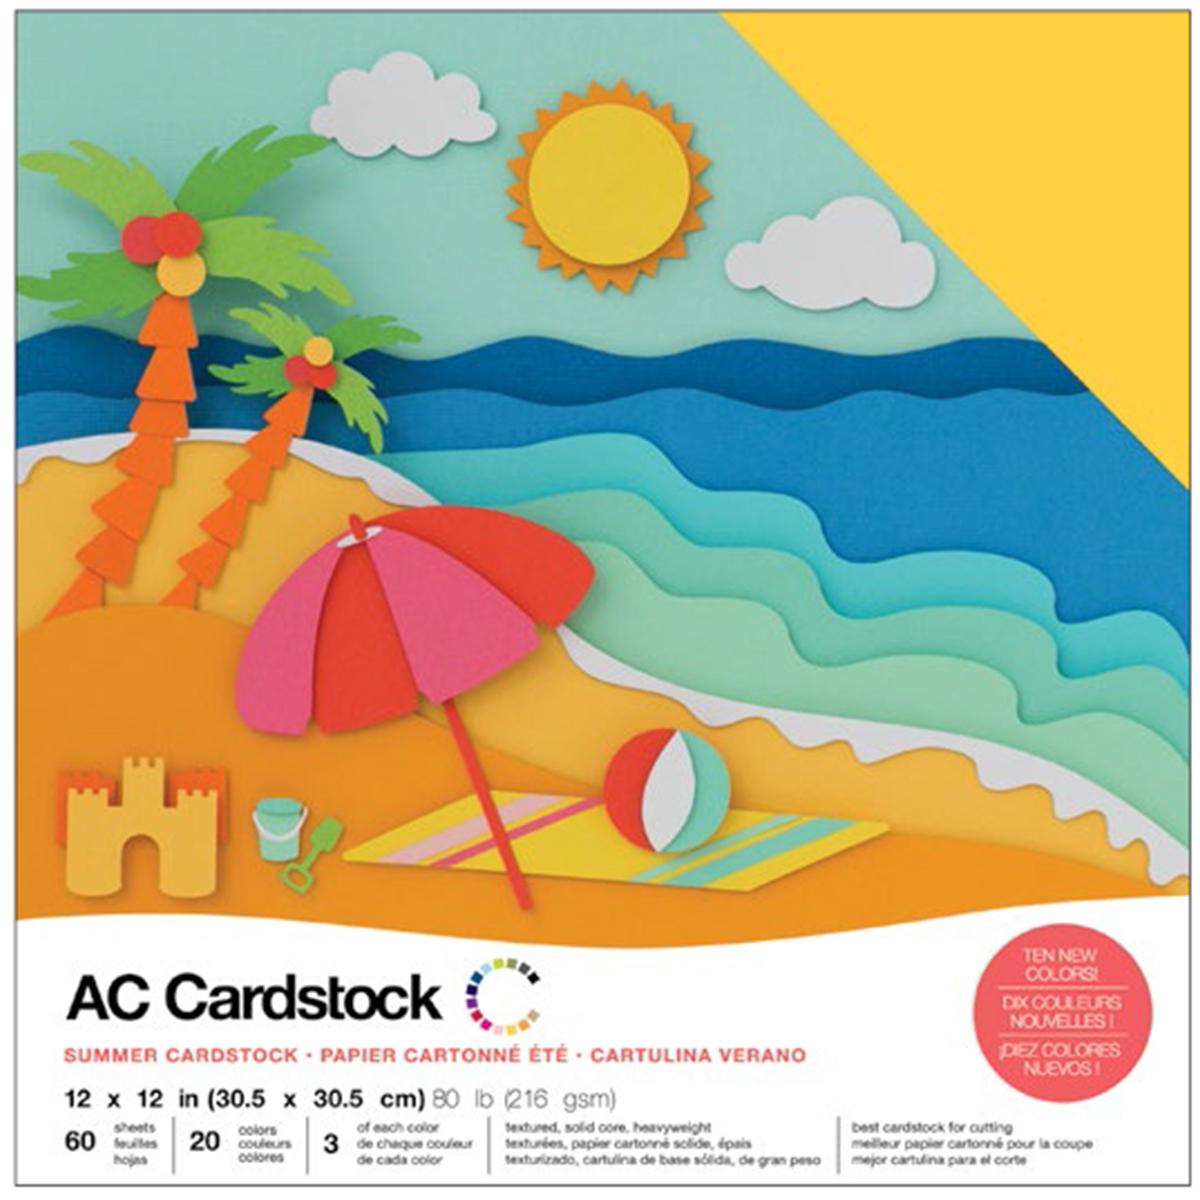 12x12 Summer Cardstock